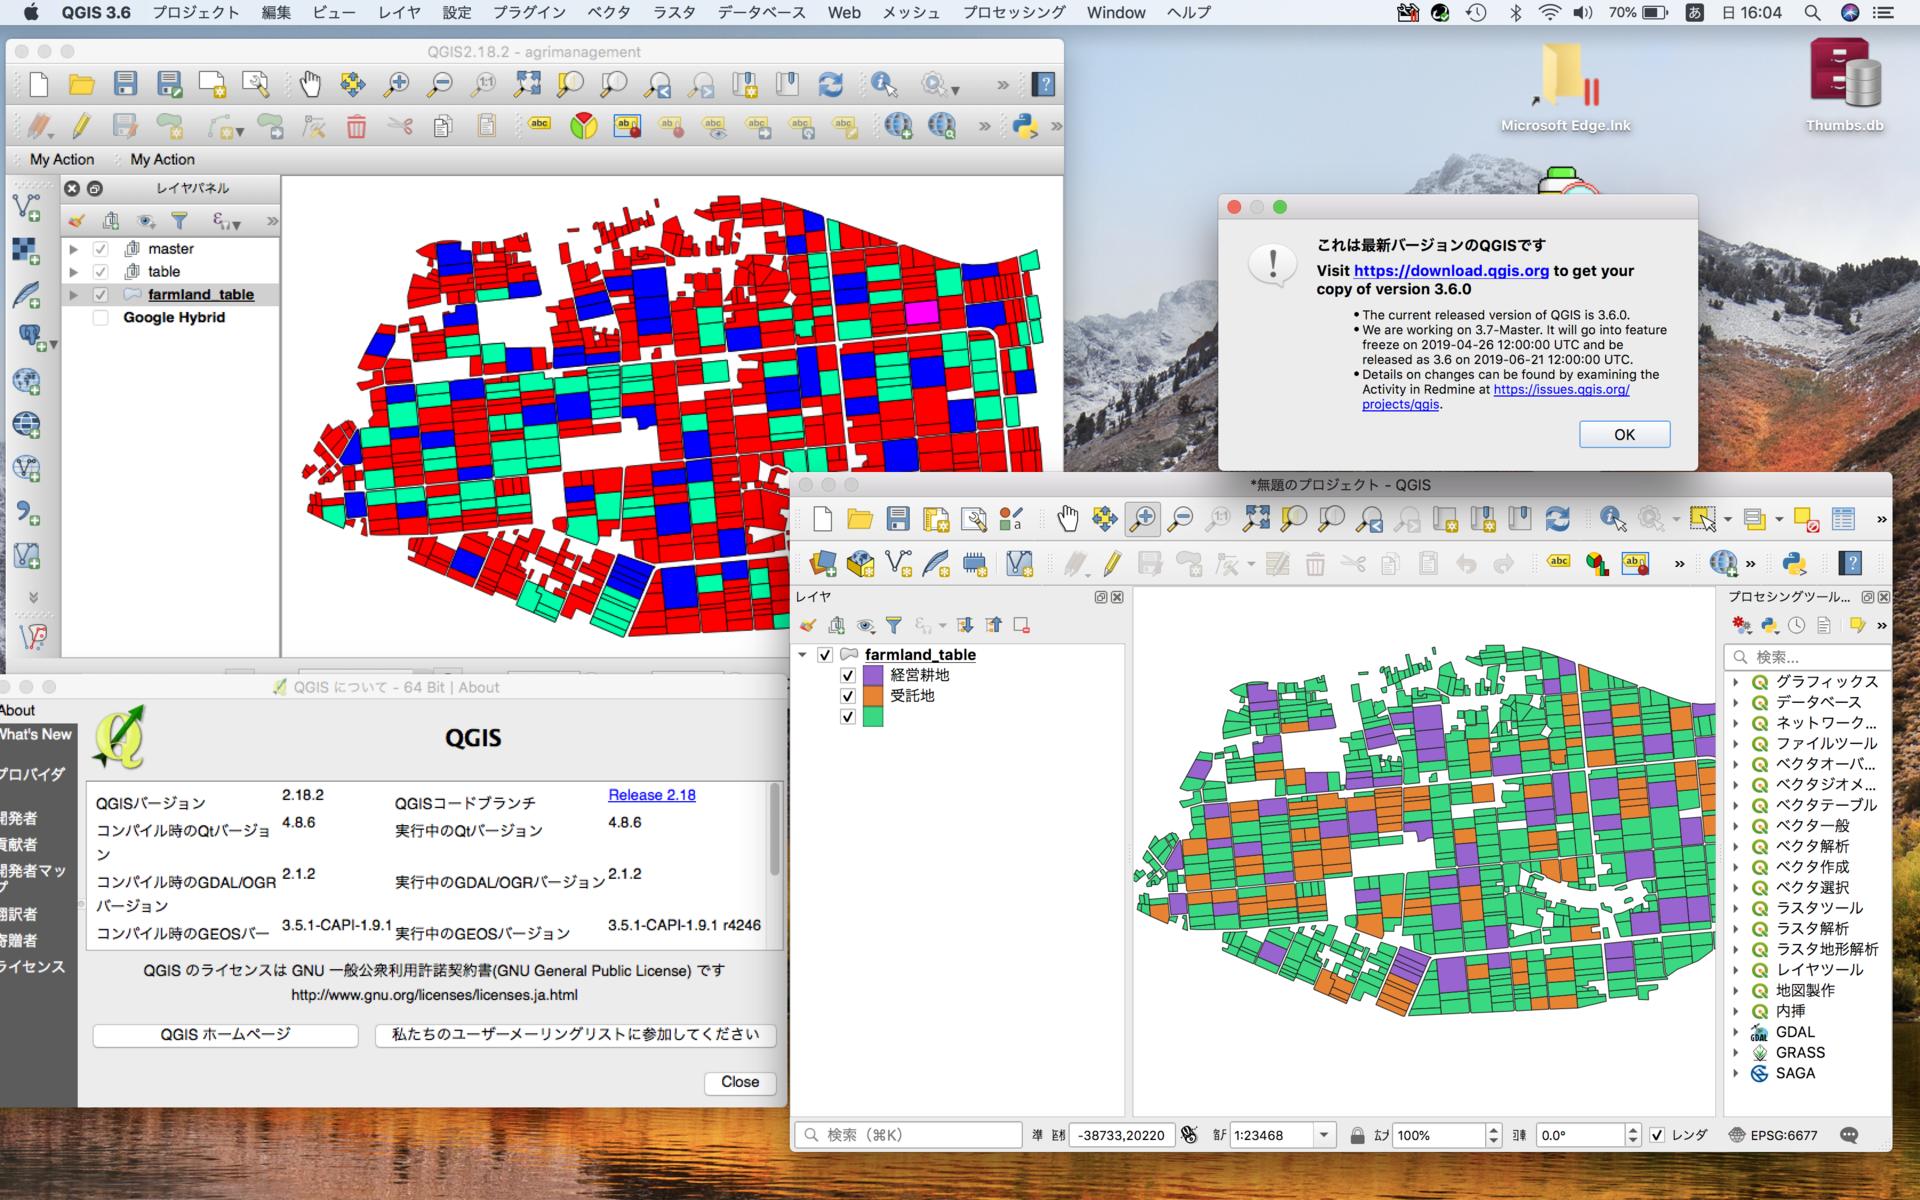 QGIS2とQGIS3共存の道Mac編(その3)python3 6 8をインストール